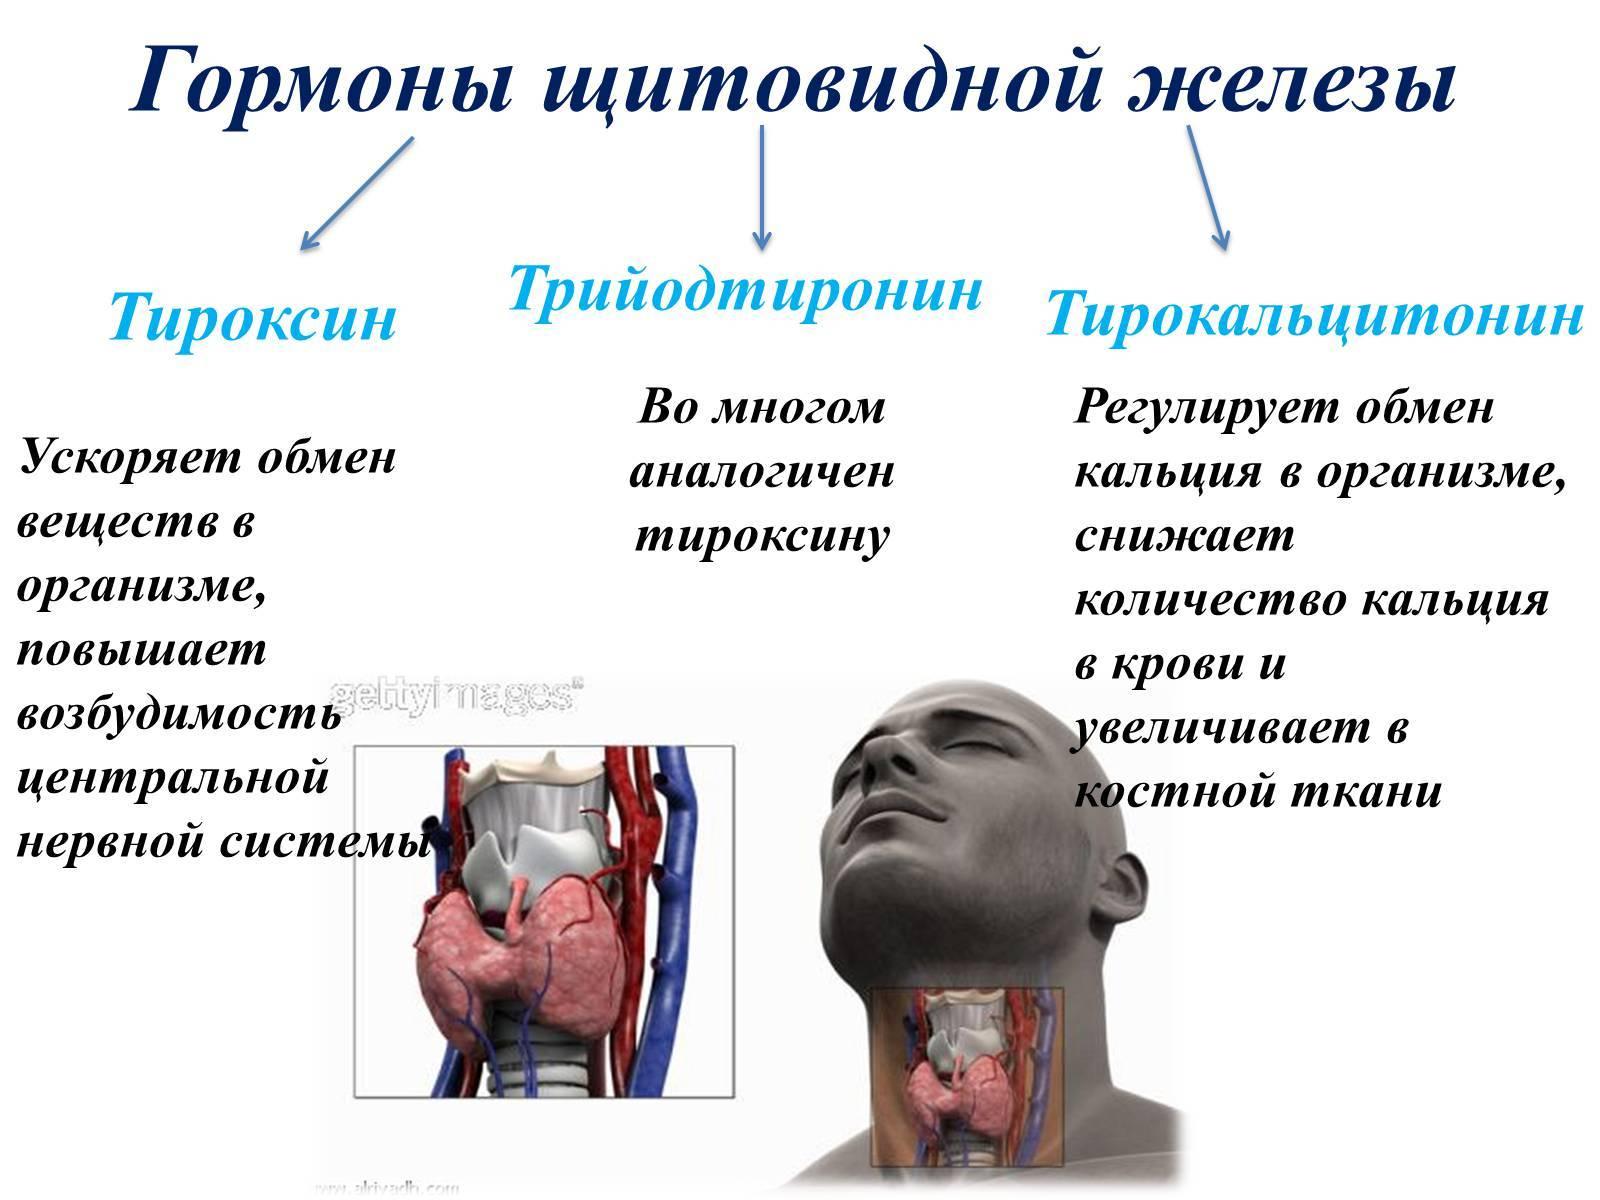 Лекарства, таблетки, препараты от щитовидной железы